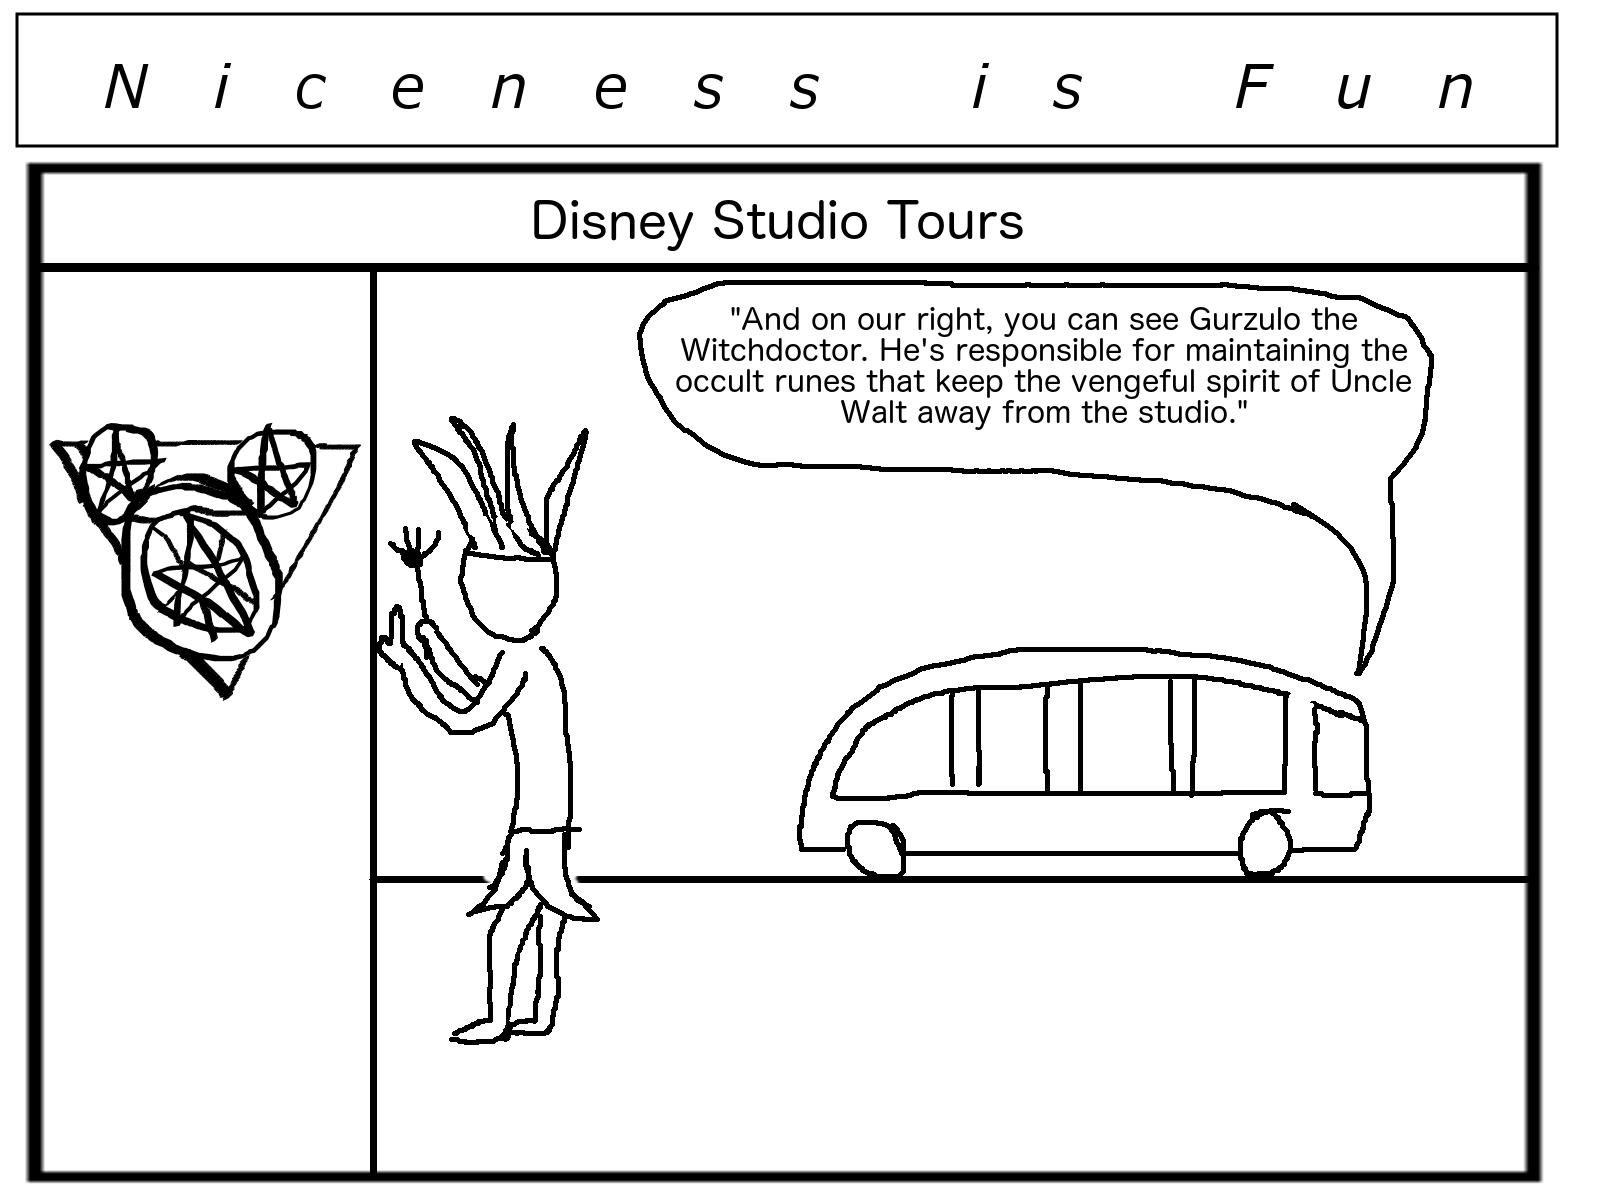 Niceness is Fun #19